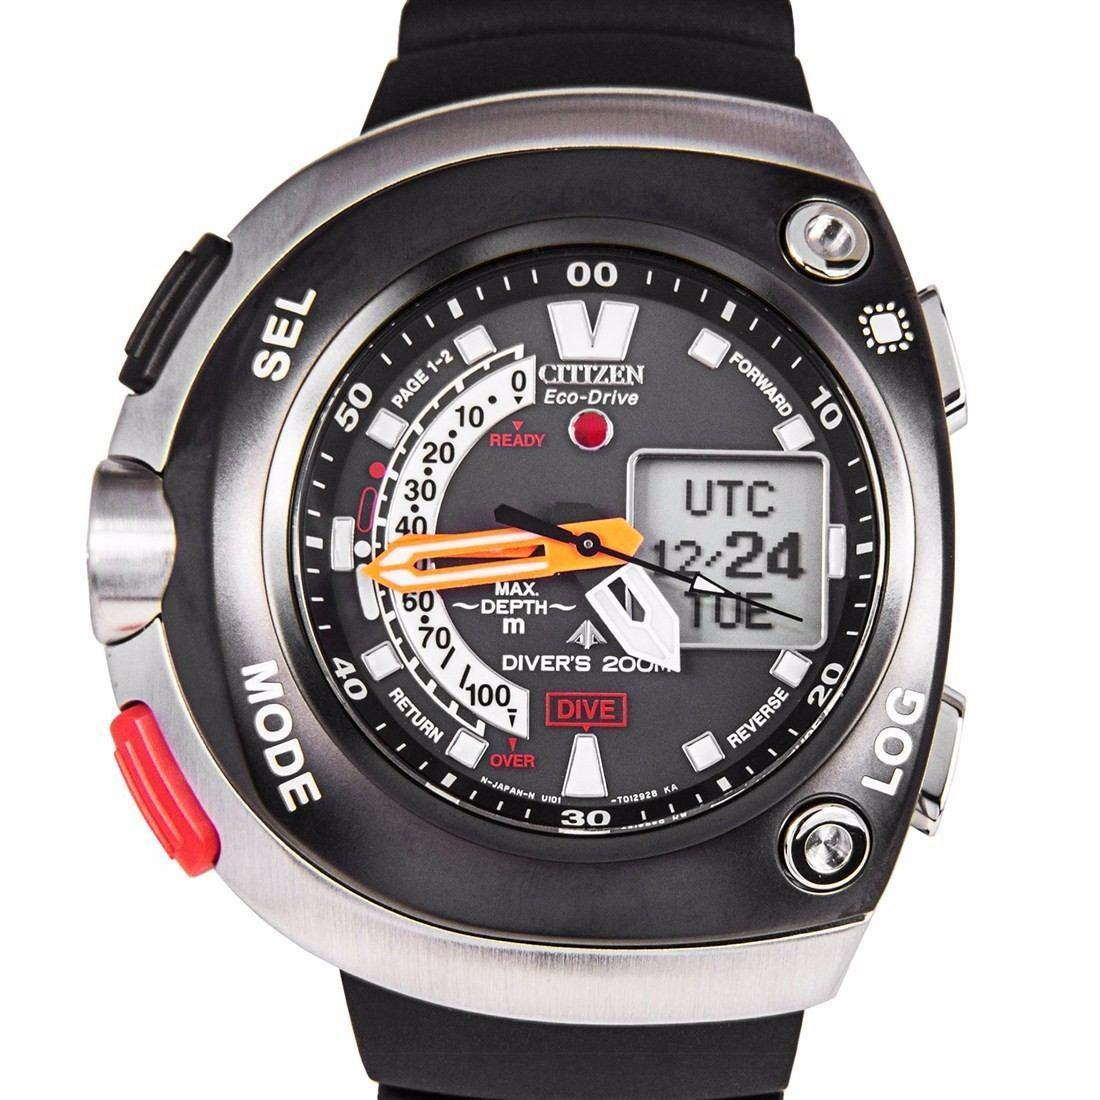 acb81256c4f reloj citizen eco-drive promaster aqualand divers jv0020-04e. Cargando zoom.